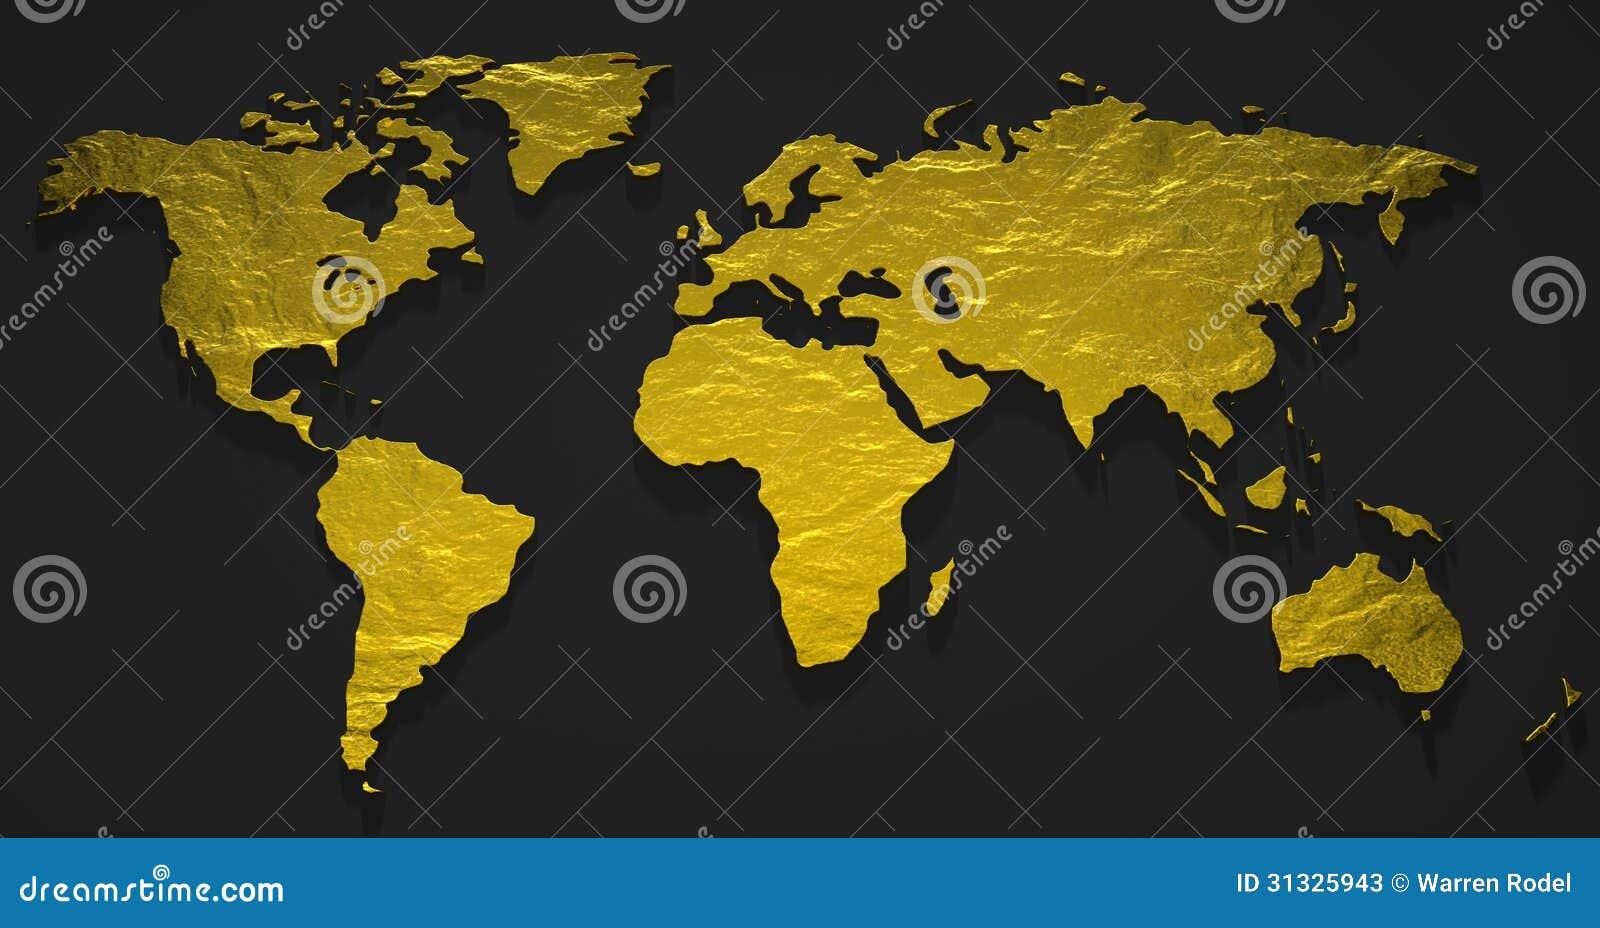 3D Gold Map